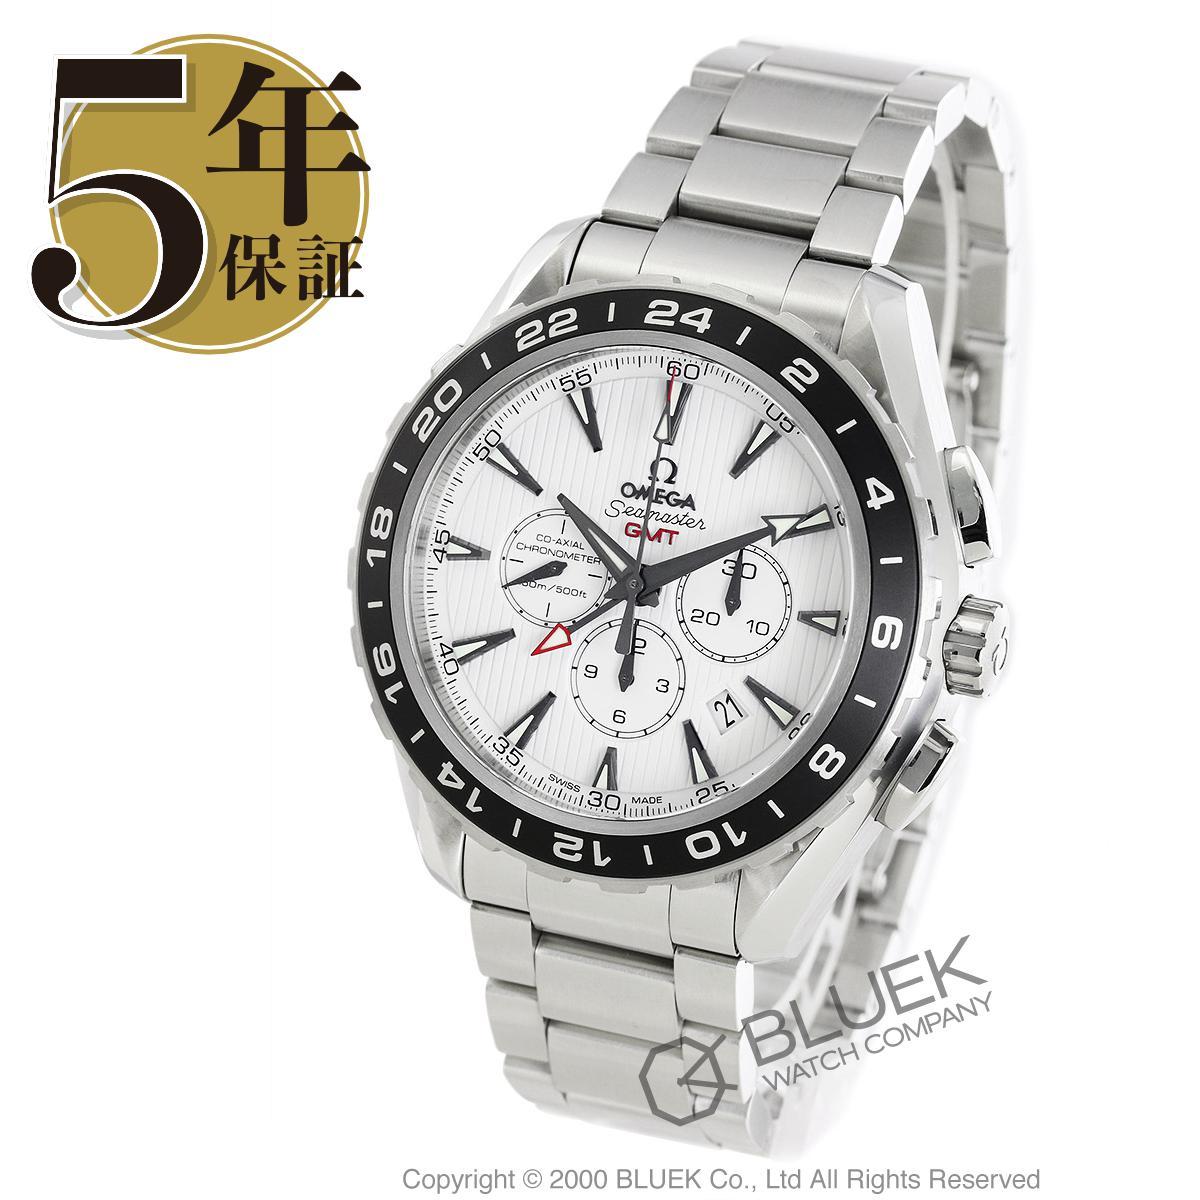 【最大3万円割引クーポン 11/01~】オメガ シーマスター アクアテラ クロノグラフ GMT 腕時計 メンズ OMEGA 231.10.44.52.04.001_8